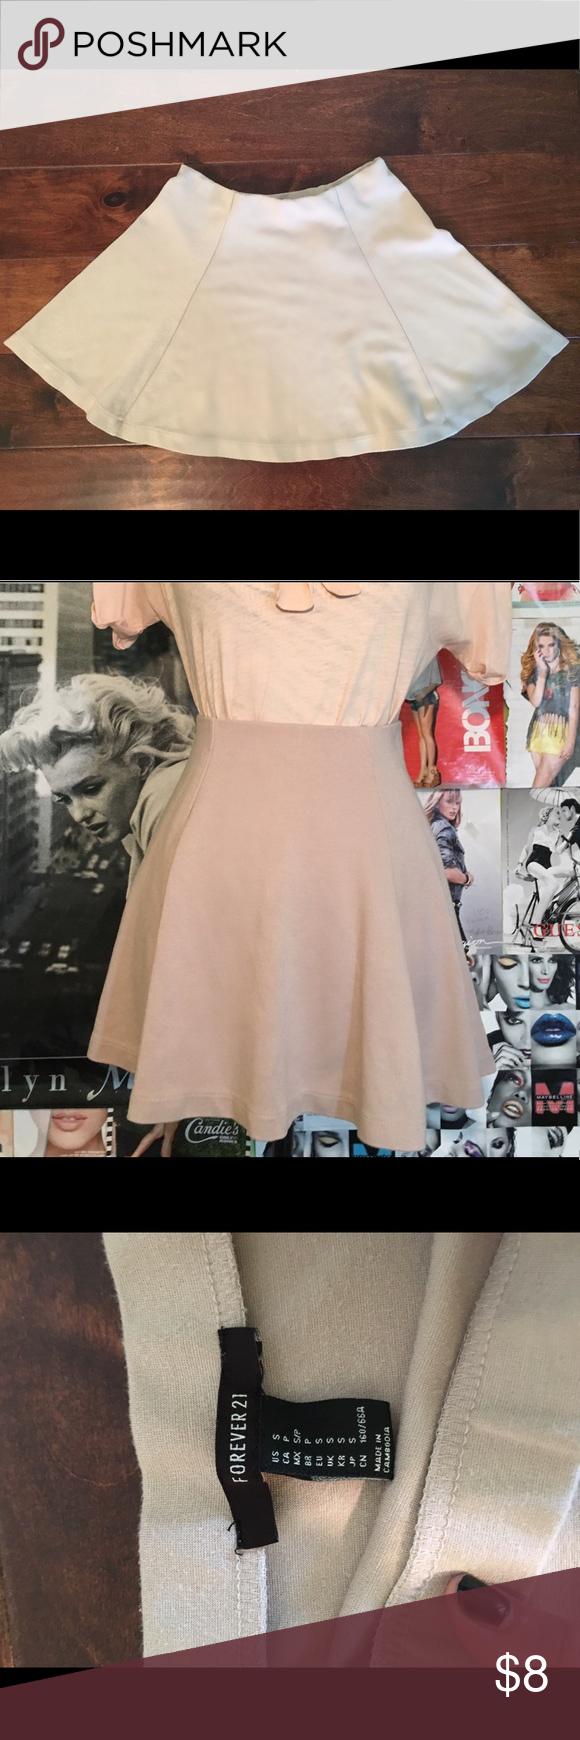 Forever 21 - Small Tan Skater Skirt Forever 21 - Small Tan Skater Skirt - Elastic Waist Band Forever 21 Skirts Mini